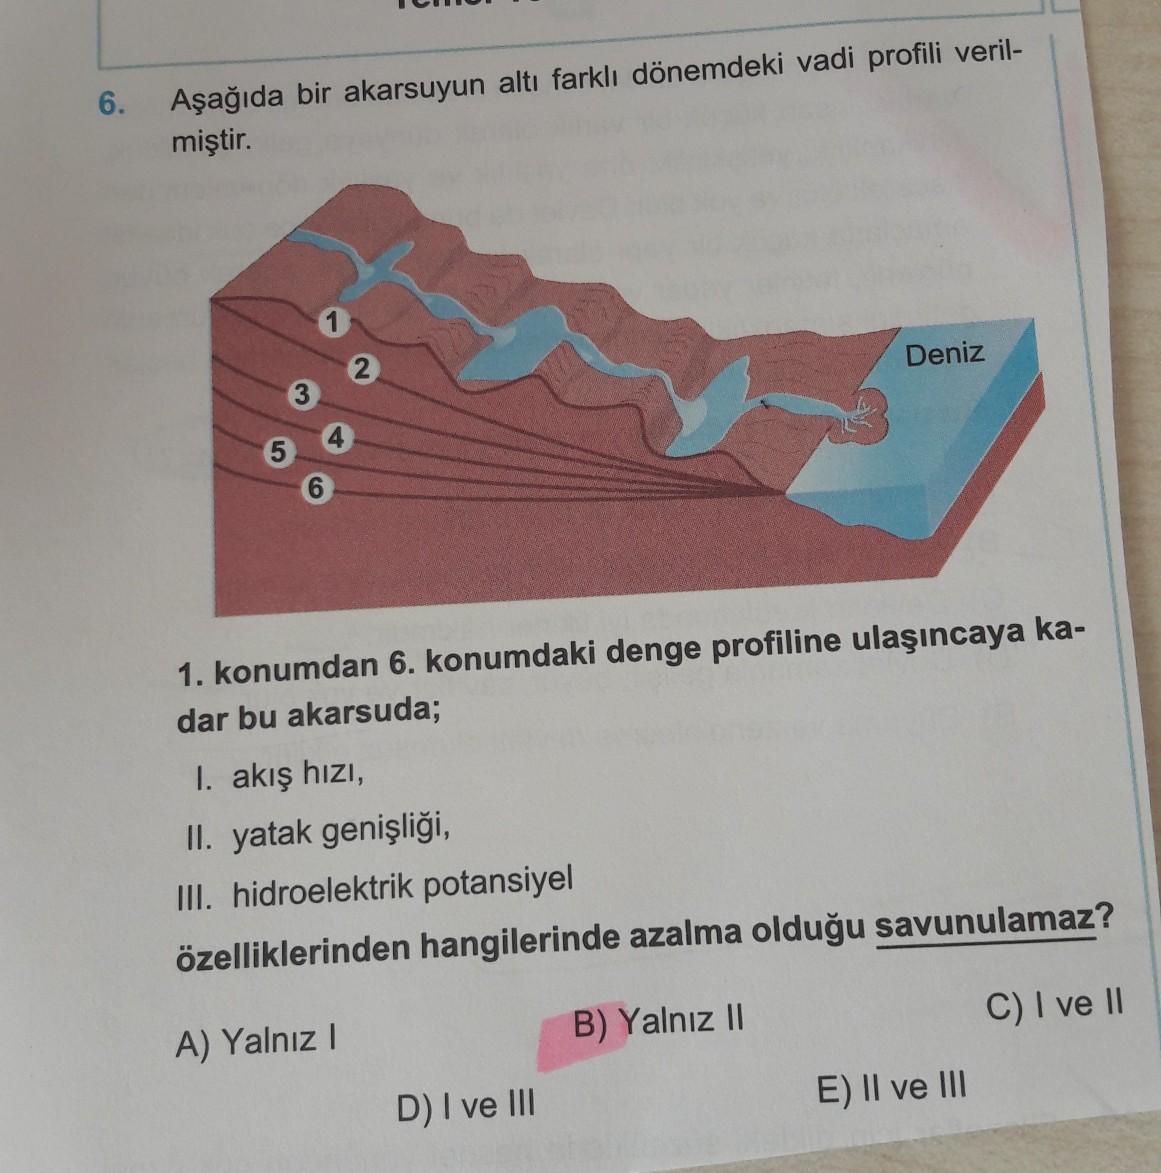 6. Aşağıda bir akarsuyun altı farklı dönemdeki vadi profili veril- miştir. 2 Deniz 5 6 1. konumdan 6. konumdaki denge profiline ulaşıncaya ka- dar bu akarsuda; I. akış hizi, II. yatak genişliği, III. hidroelektrik potansiyel özelliklerinden hangilerinde az